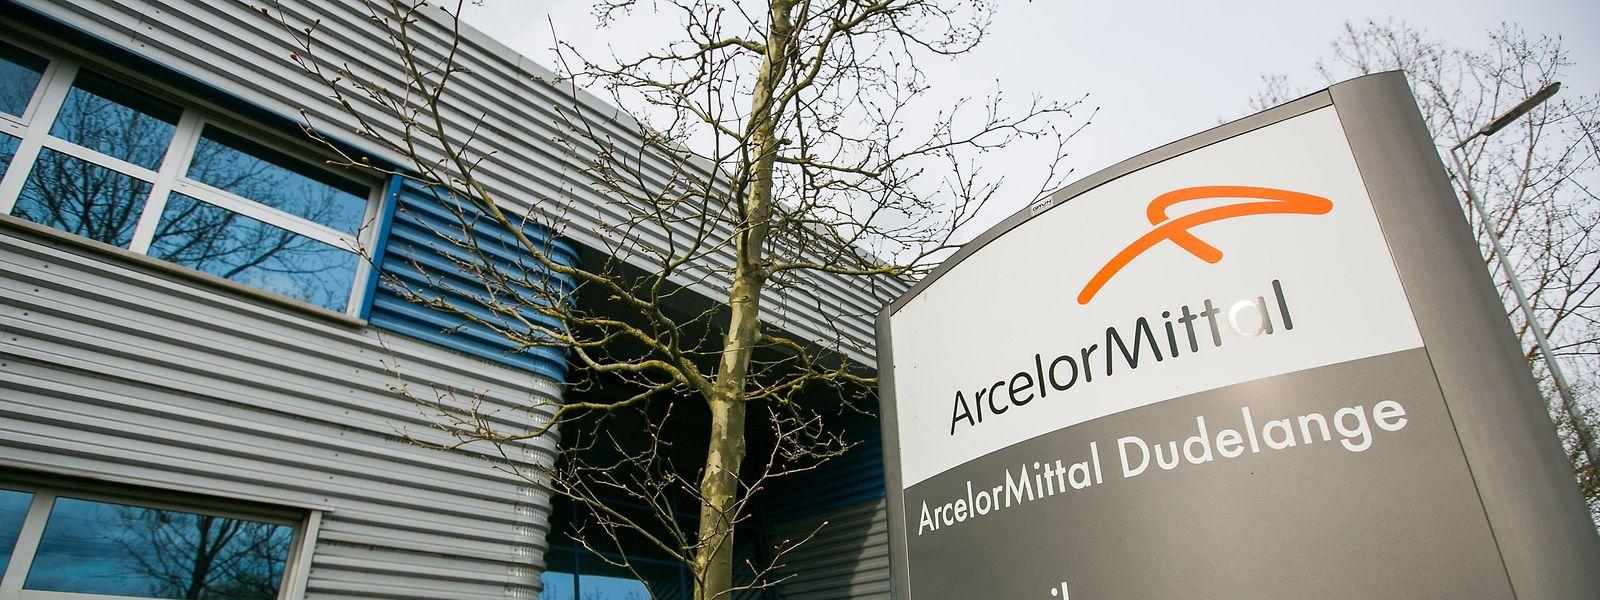 ArcelorMittal ist bereit sich im Zuge des laufenden Fusionskontrollverfahrens von seinem Werk in Düdelingen zu trennen.